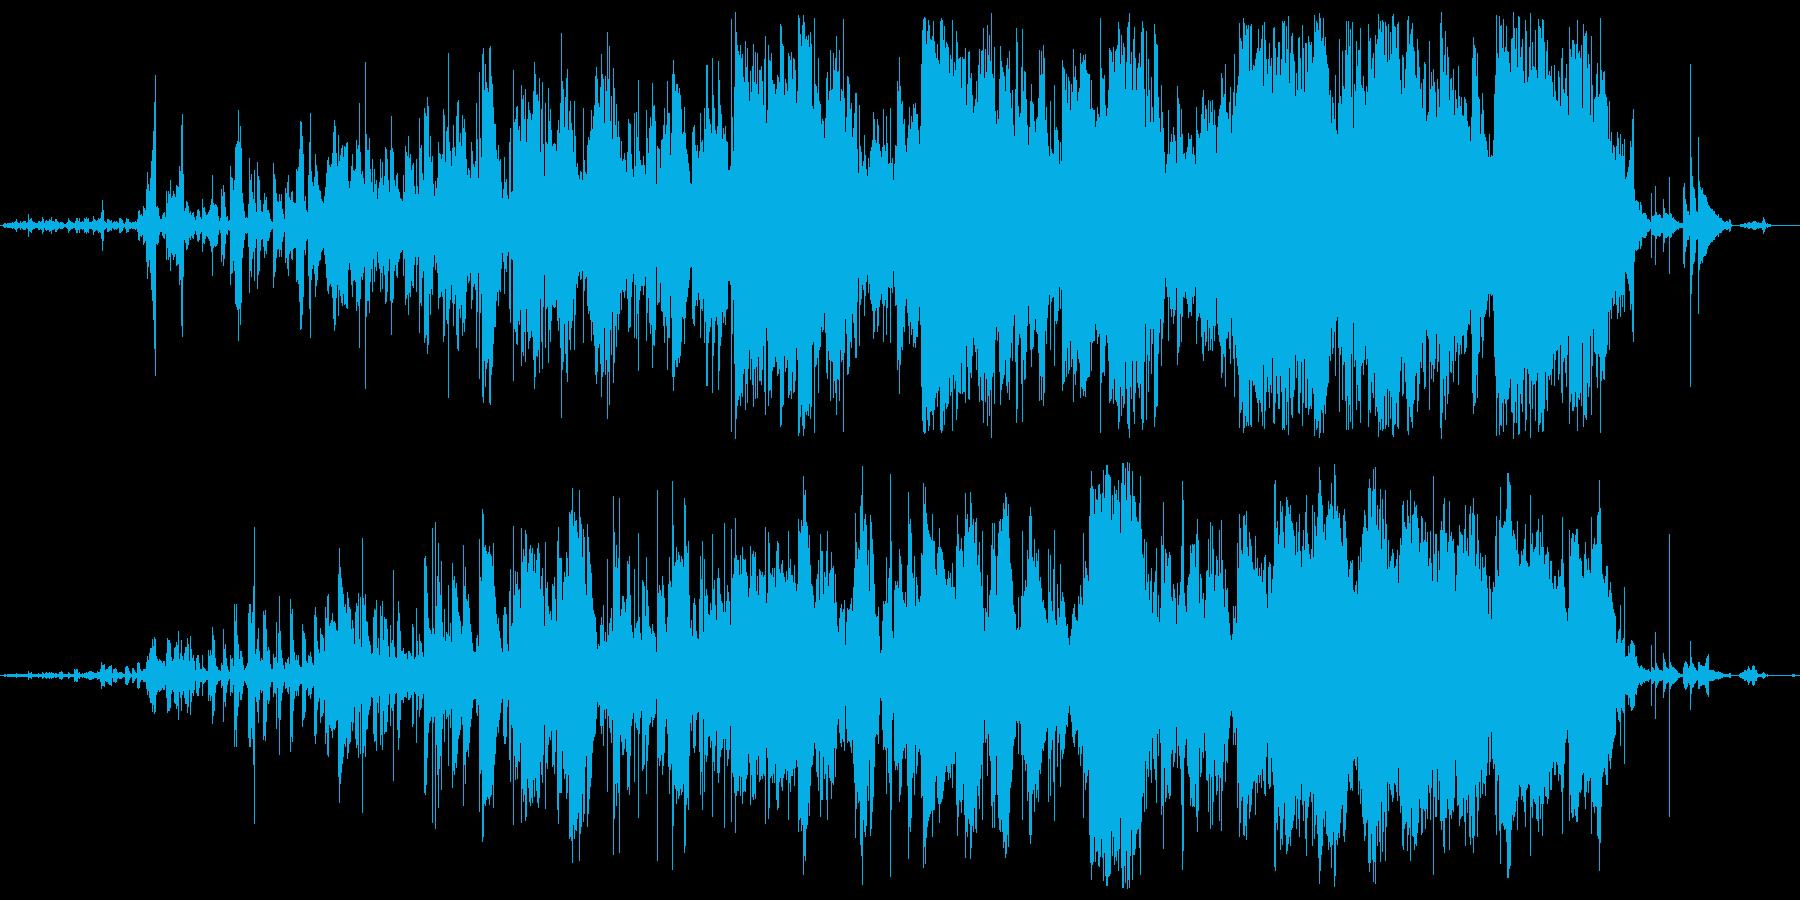 ふわふわした夢の中のような幻想的な楽曲の再生済みの波形